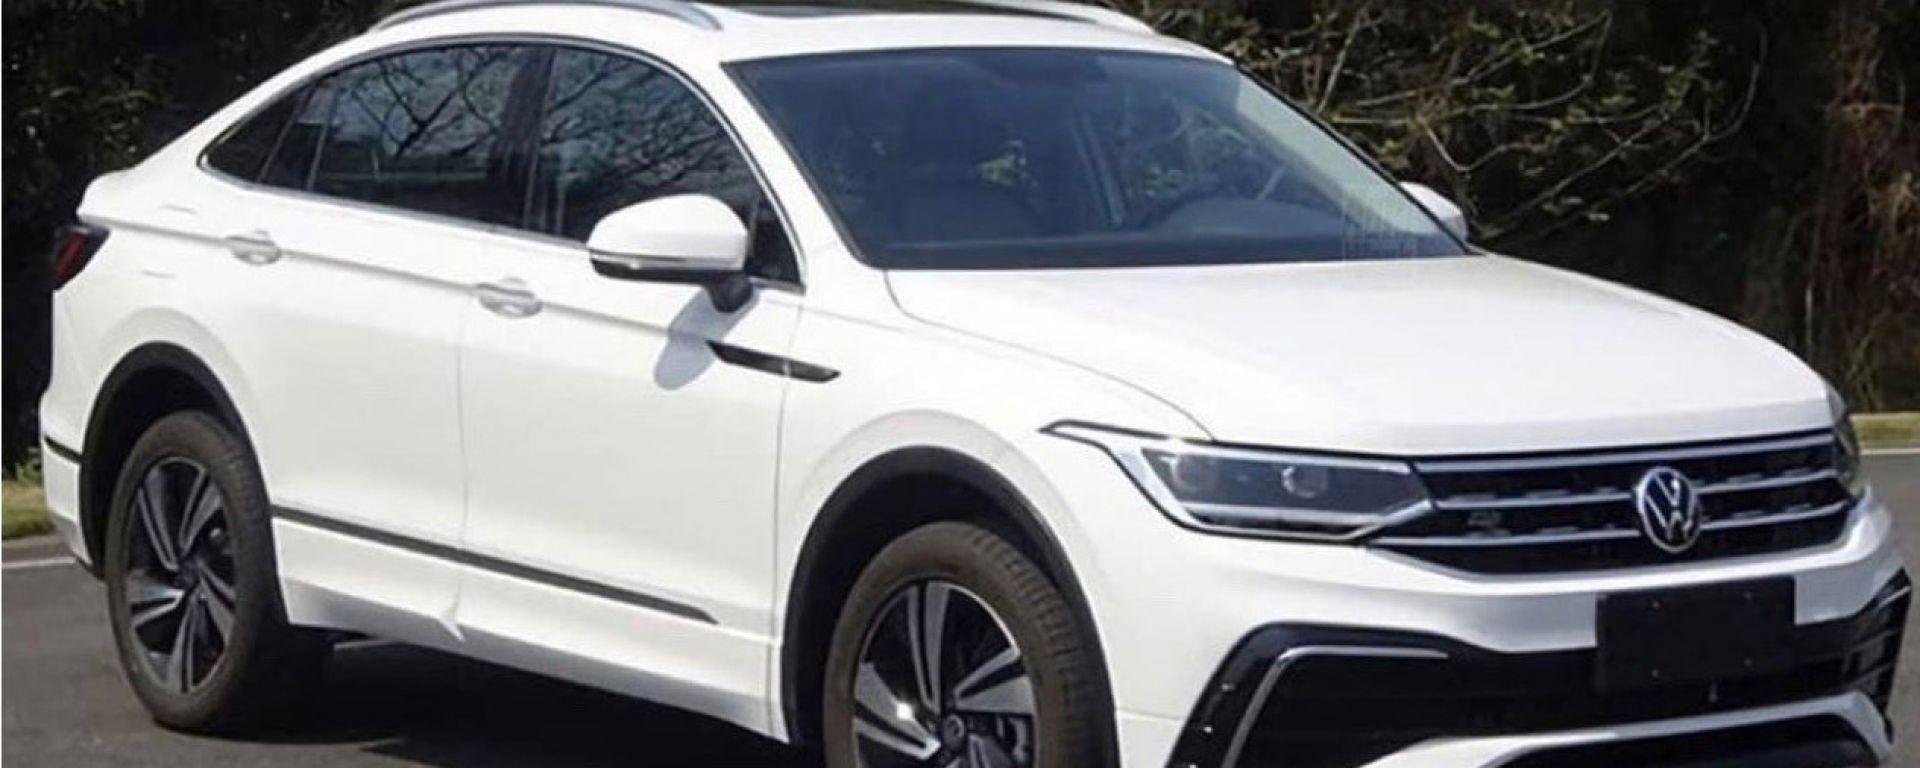 Volkswagen Tiguan X, le foto spia di Cochespias